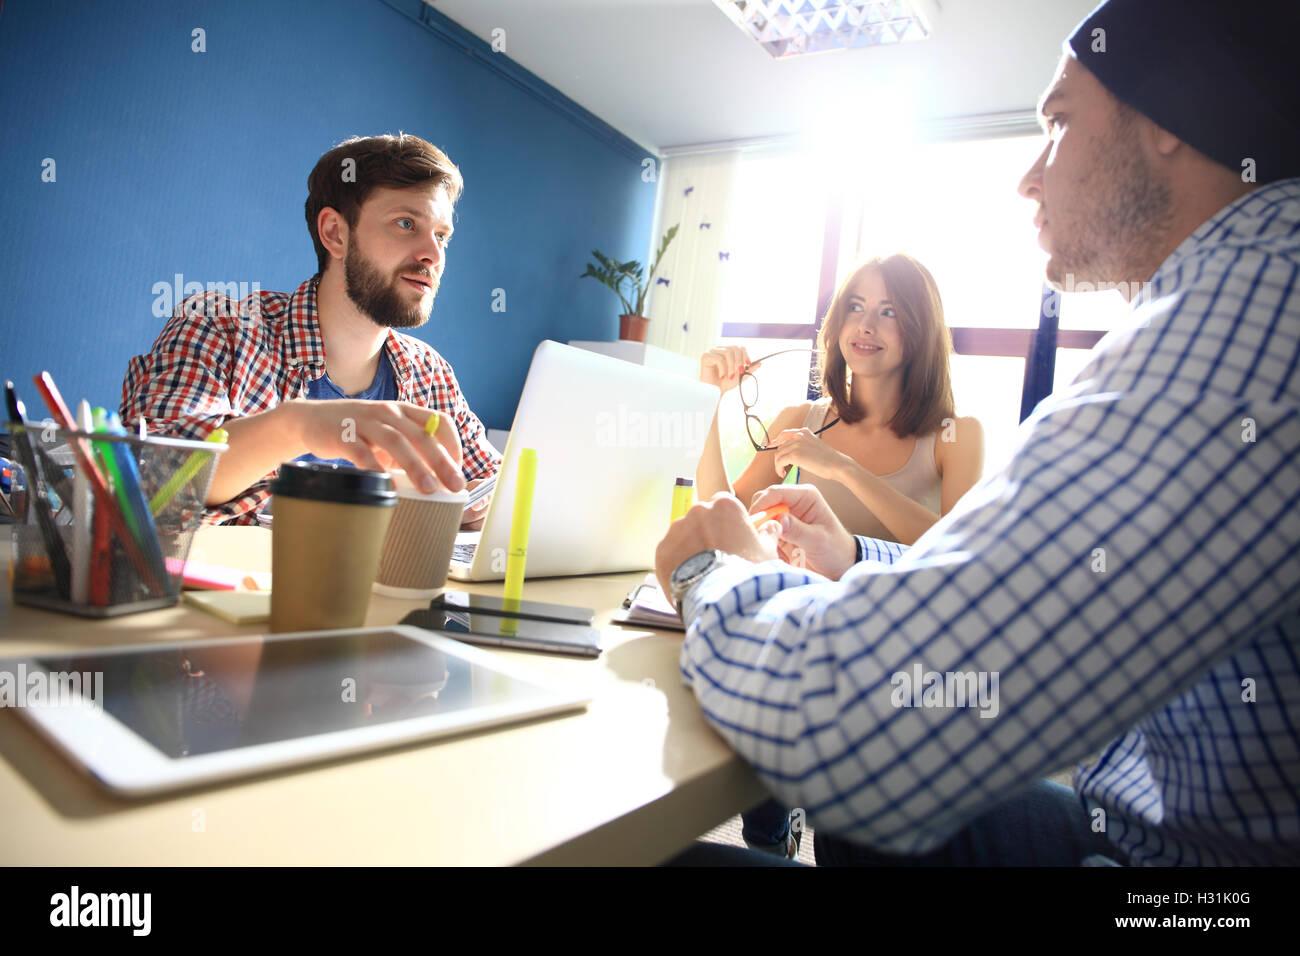 Feliz reflexión sobre diseñadores web nuevo sartup Imagen De Stock